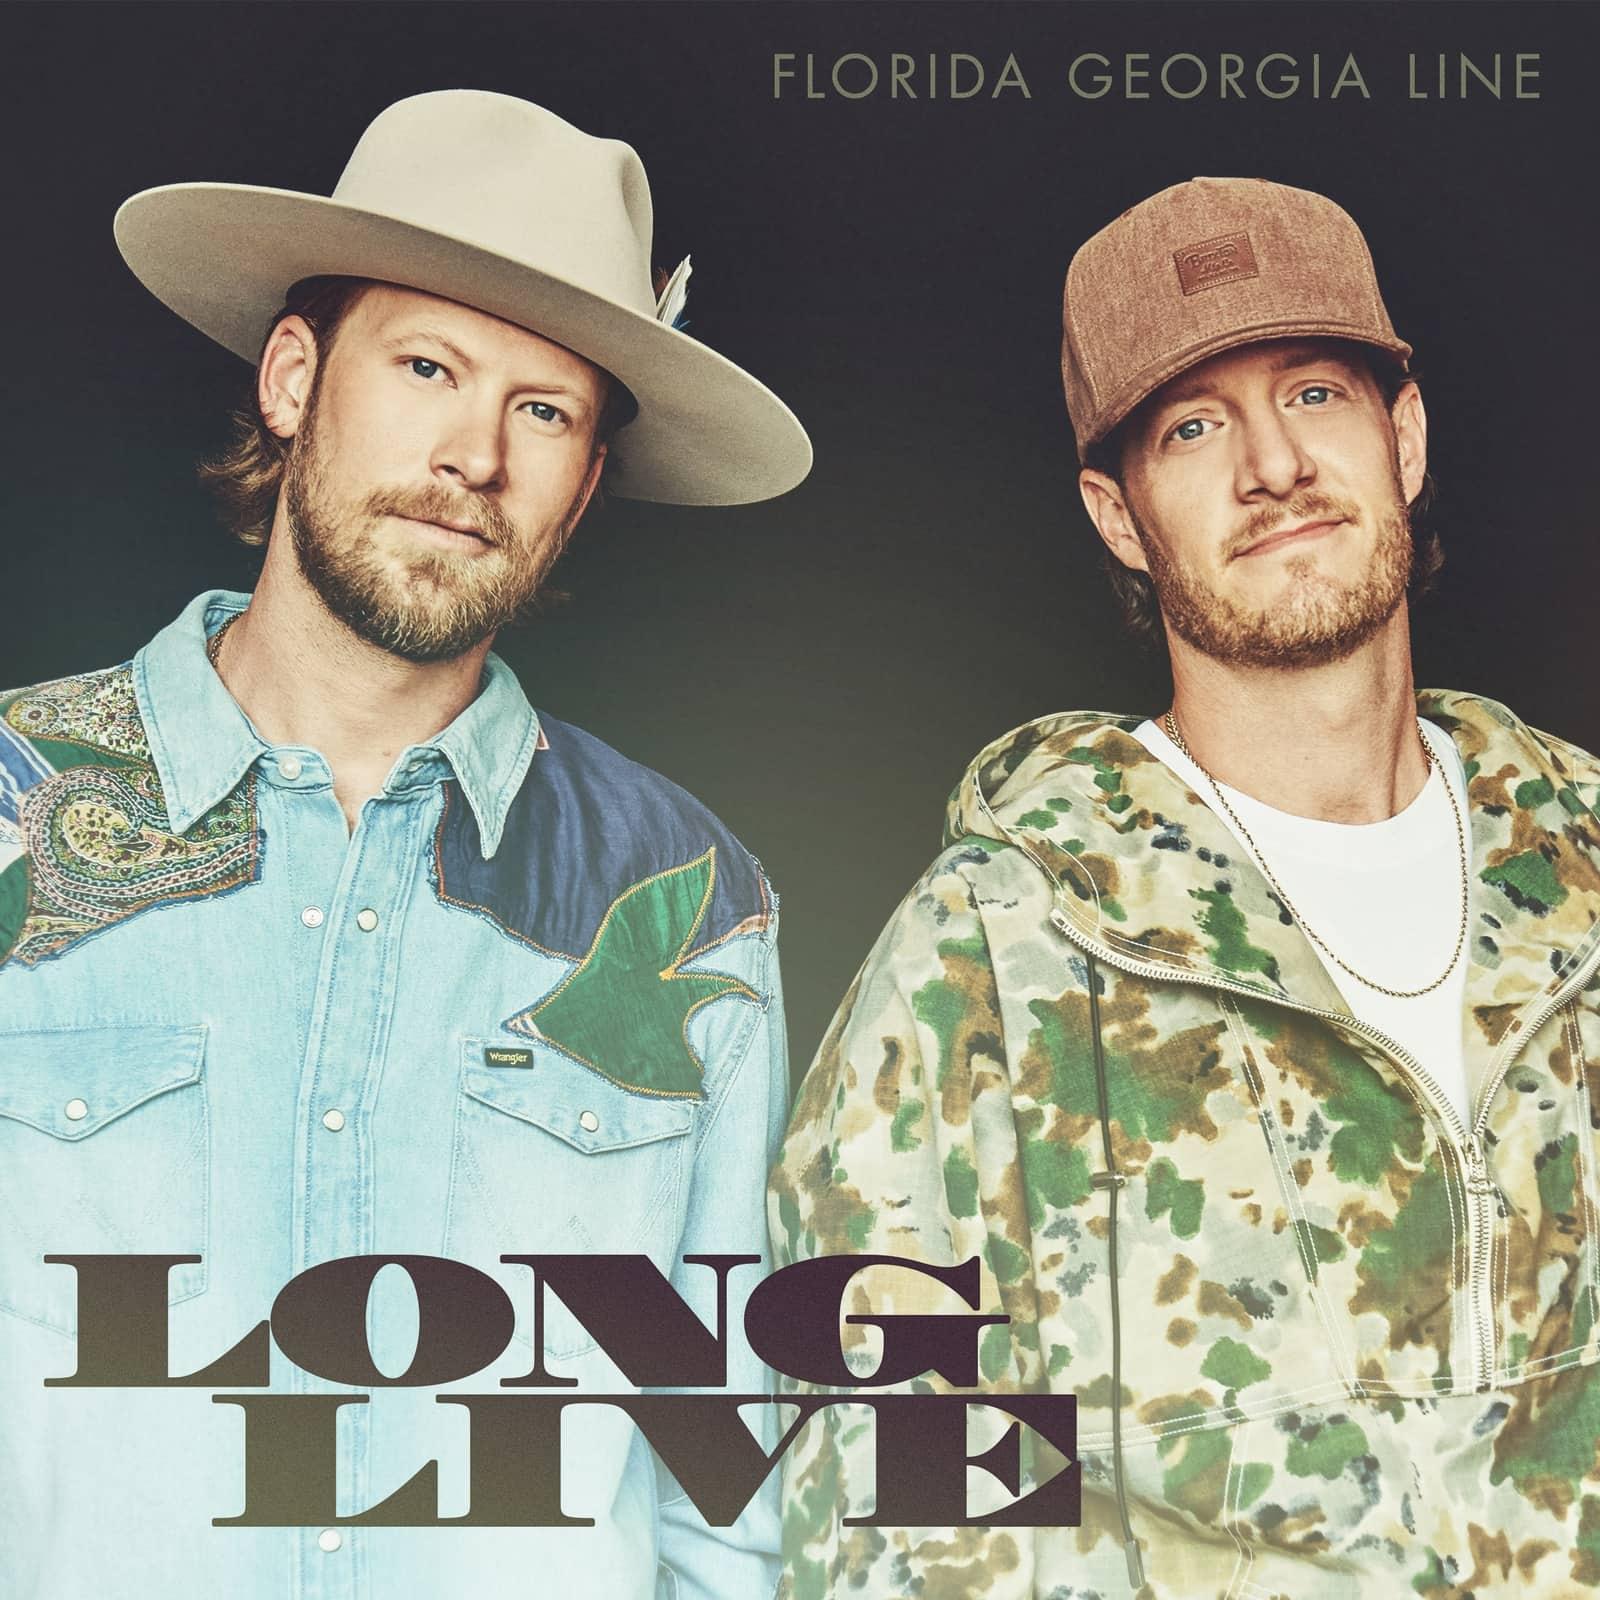 florida-georgia-line-long